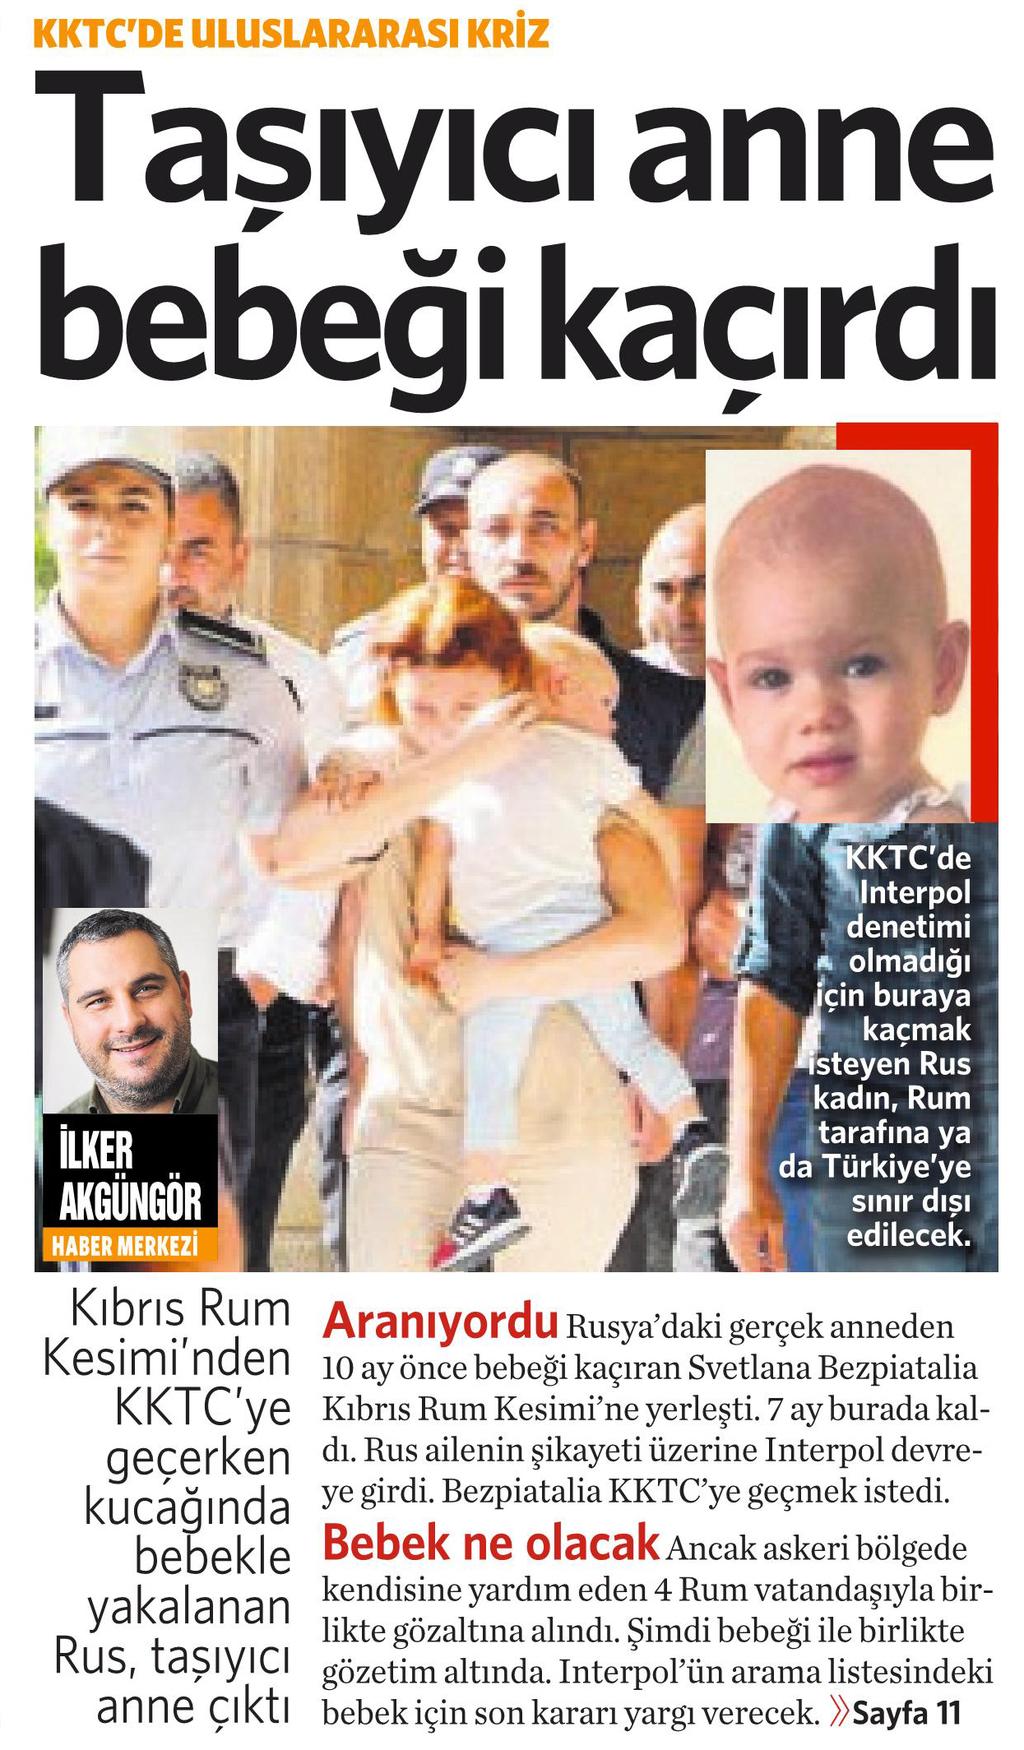 27 Ekim 2016 Vatan Gazetesi 1. sayfa